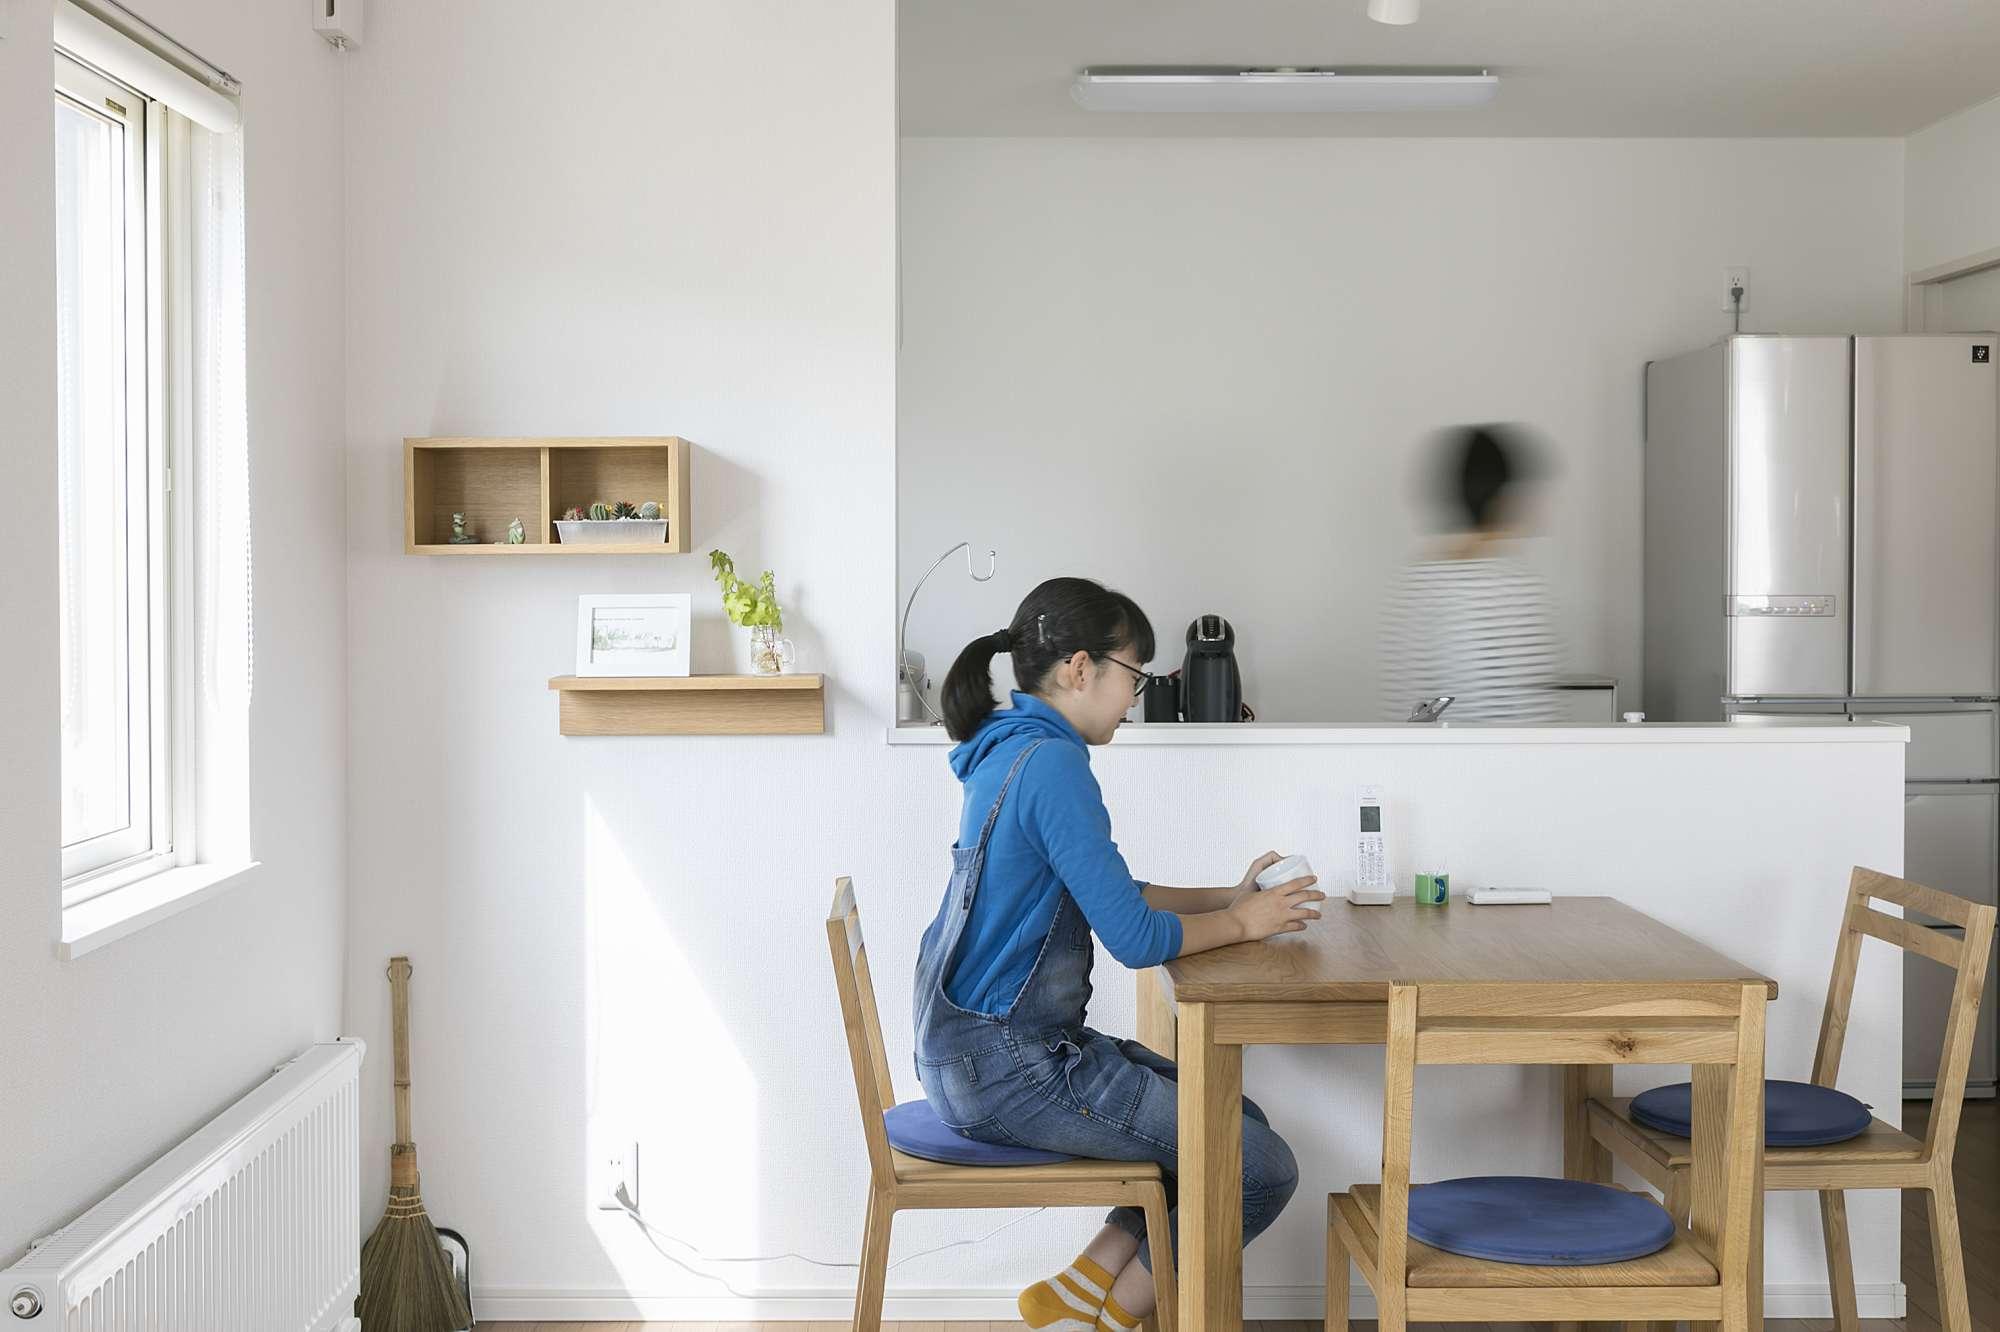 オープンなキッチンは、料理をしながら家族と会話できます - ダイニングと併設させて、洗い物をさげるのが便利なDK。コンクールなどで忙しい娘さんへ、食事をサッと出せて楽しい会話のひとときも。 -  -